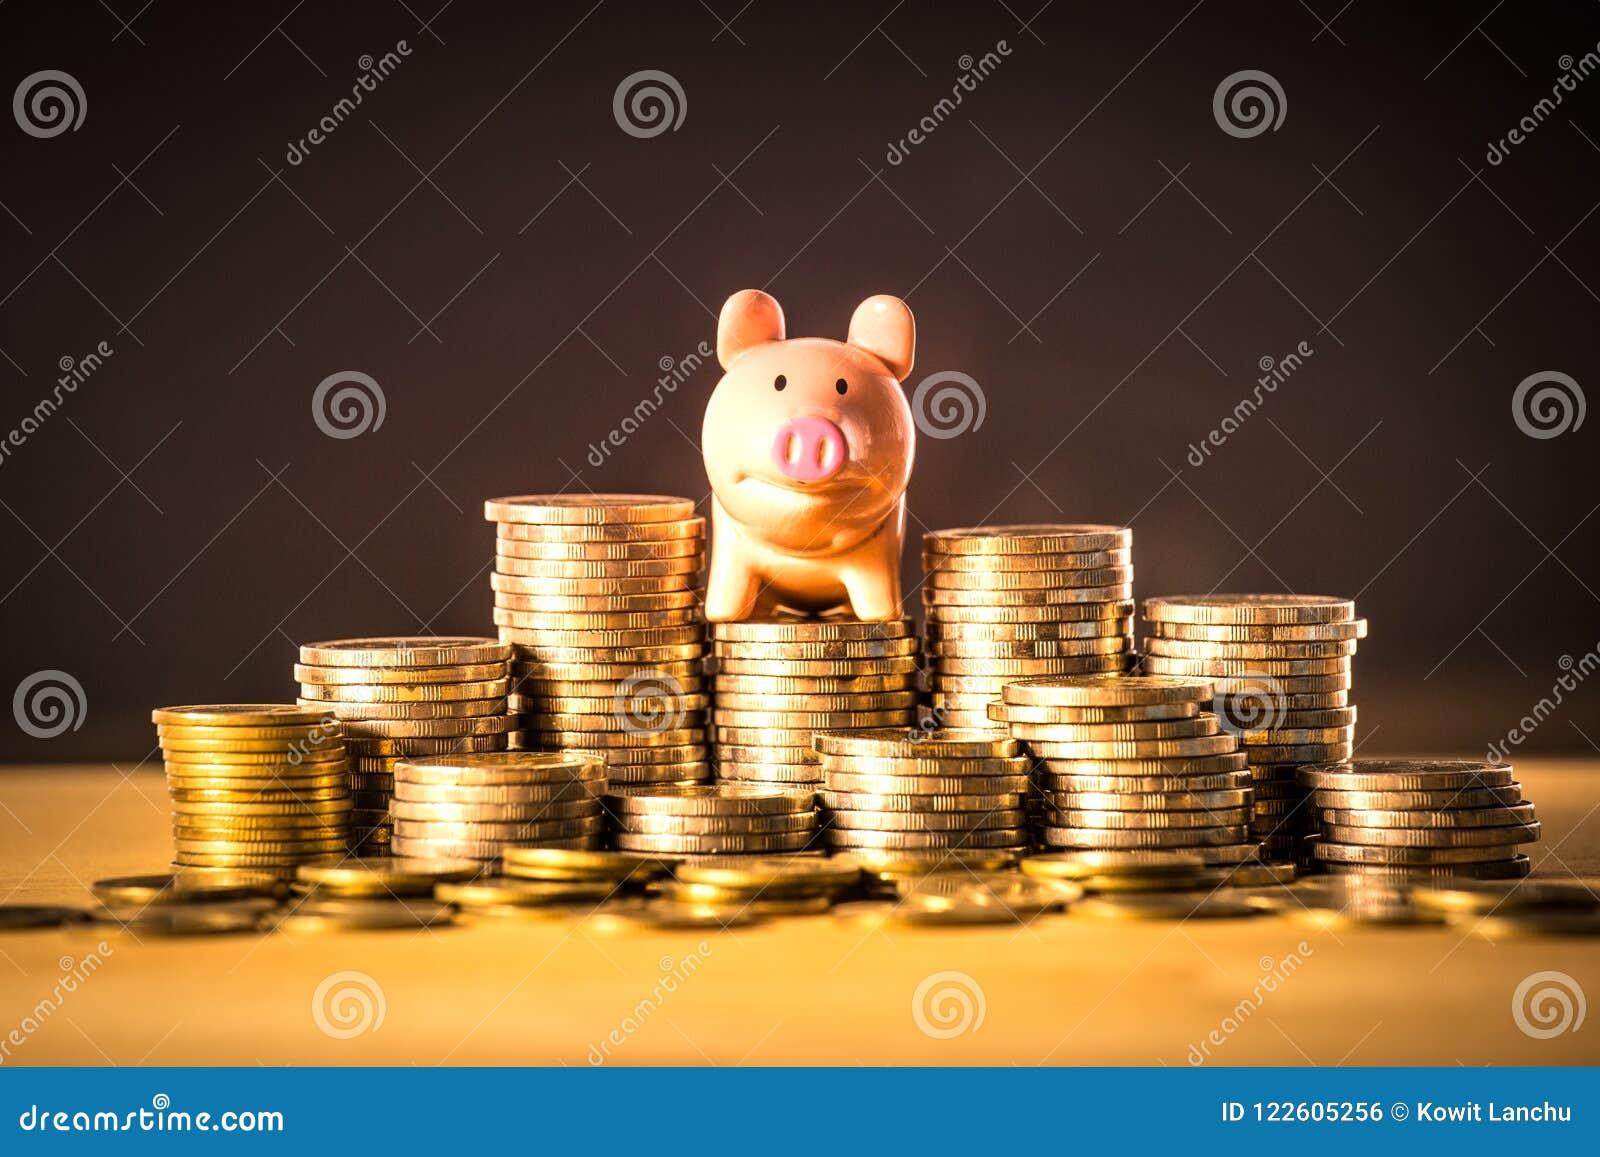 Des opérations bancaires porcines sur la pile d argent pour enregistrer le concept d argent, l espace des idées de planification